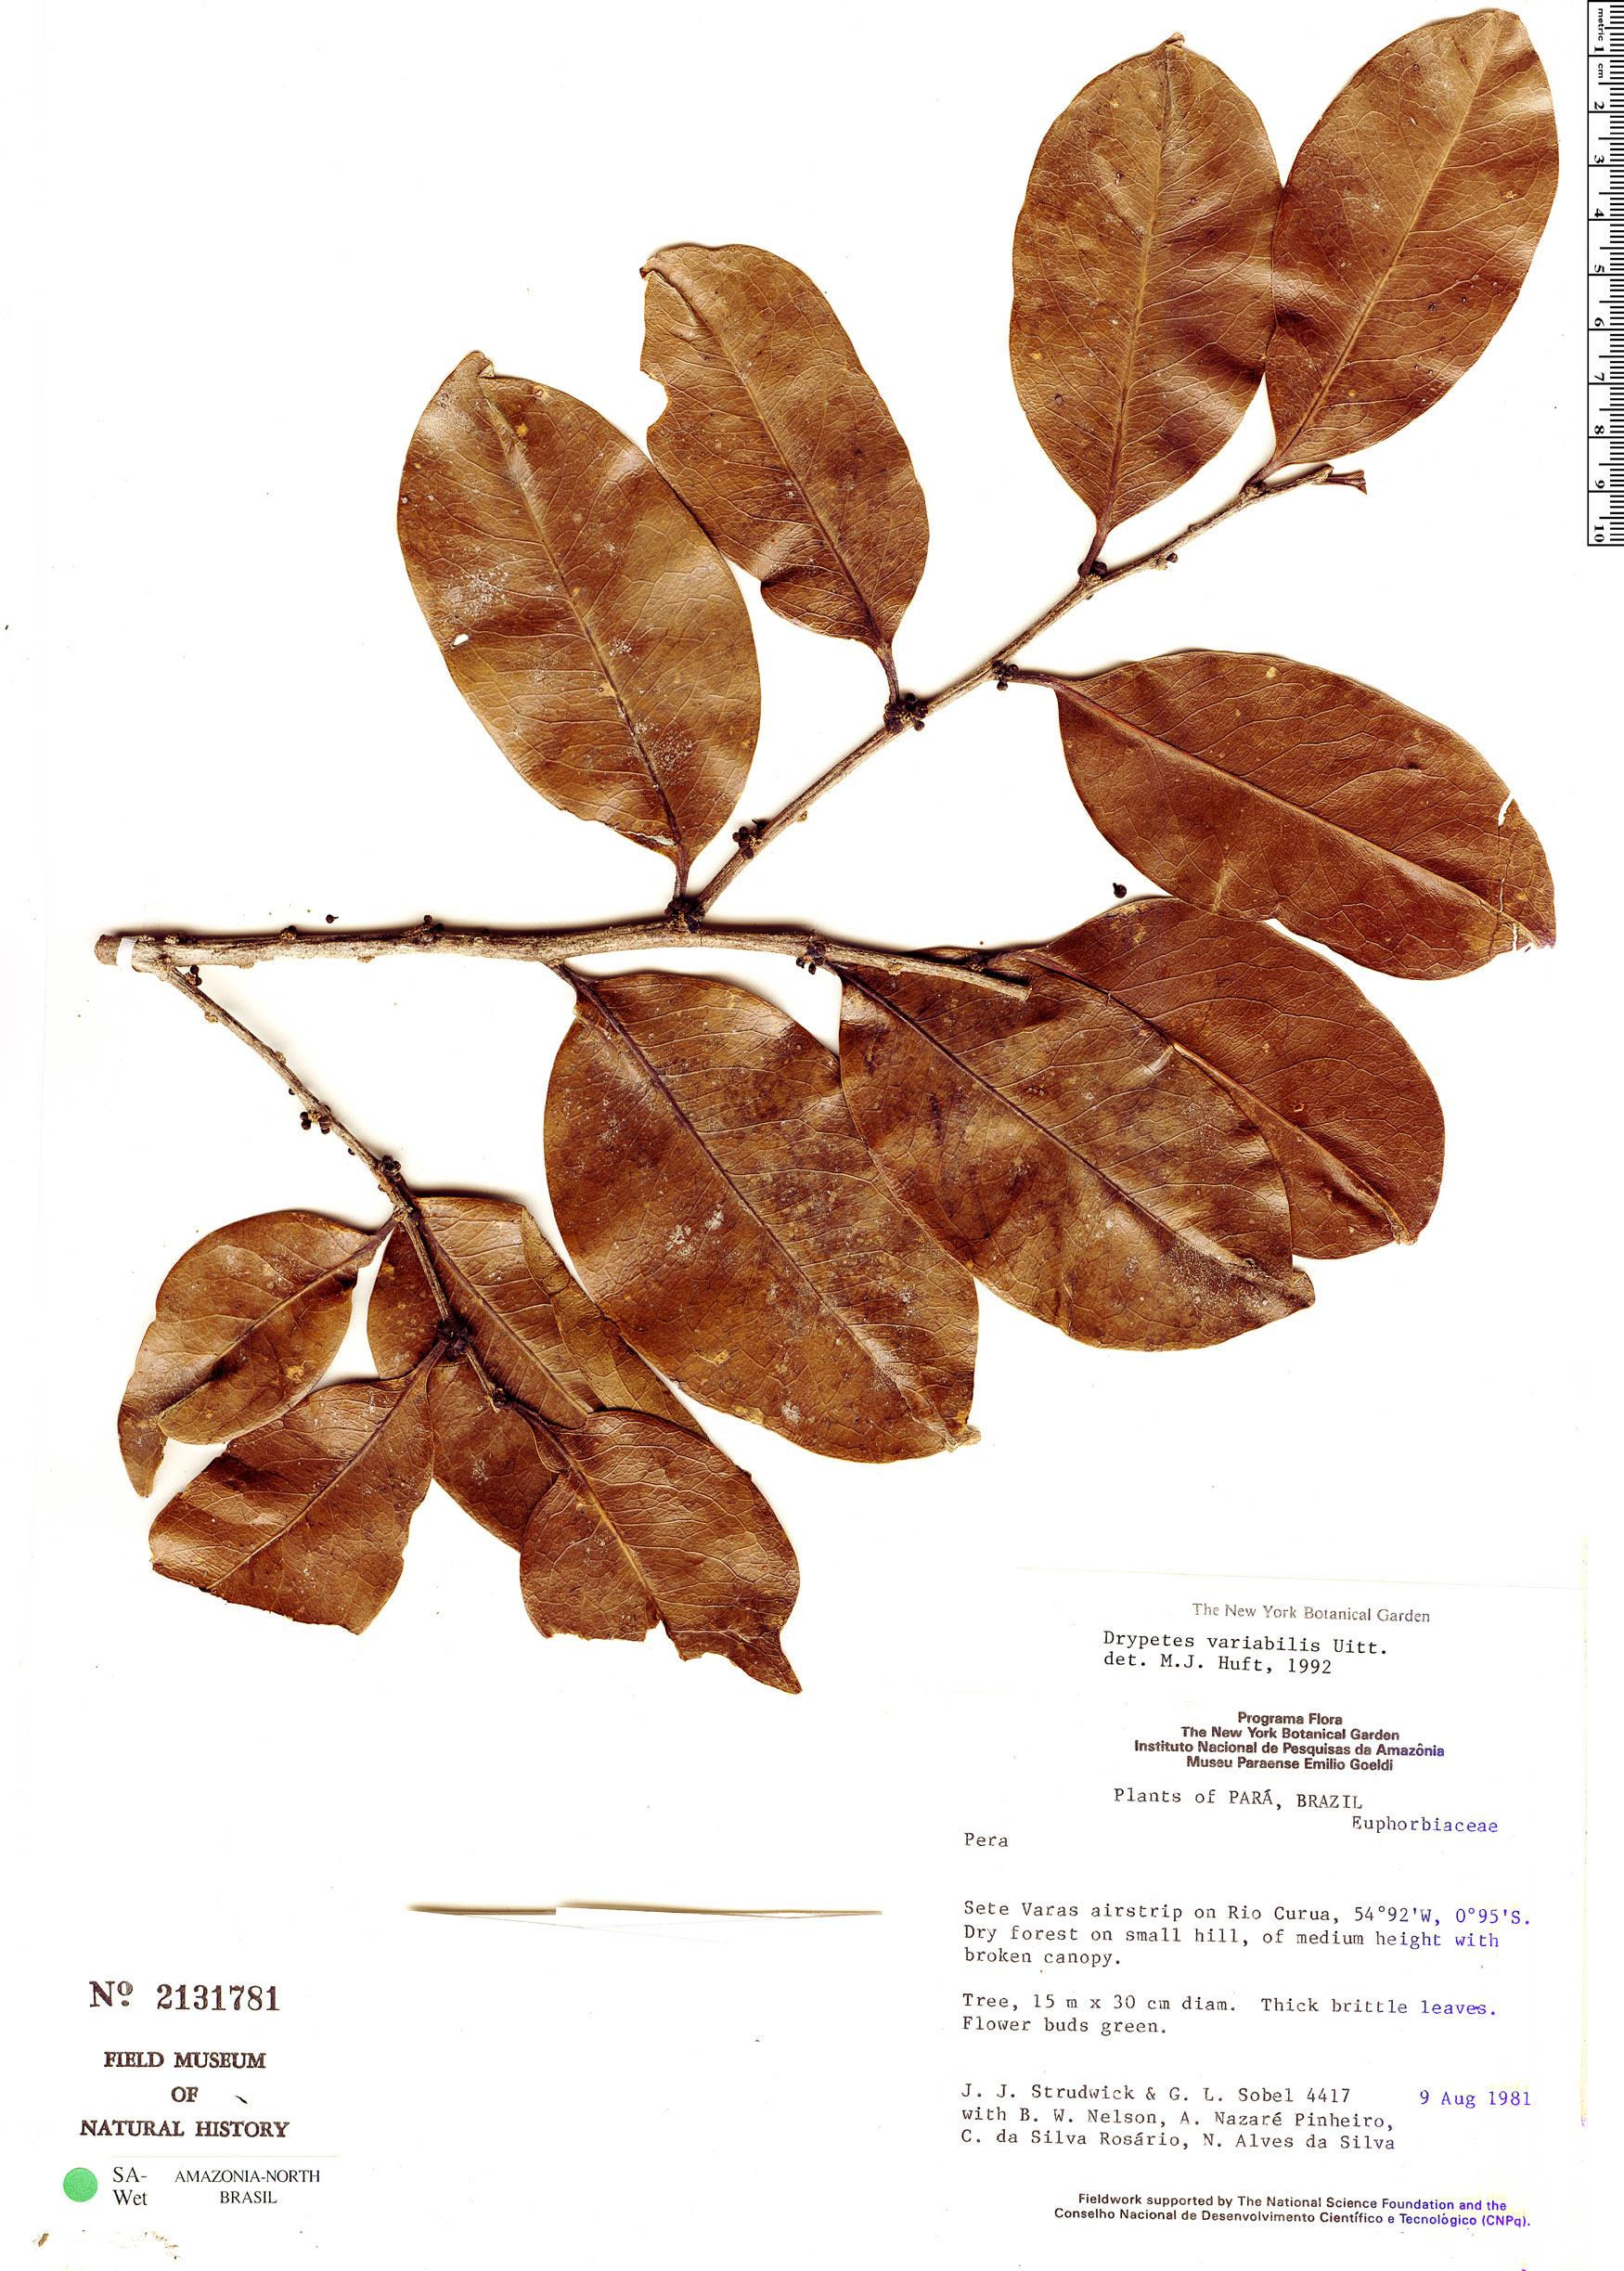 Specimen: Drypetes variabilis